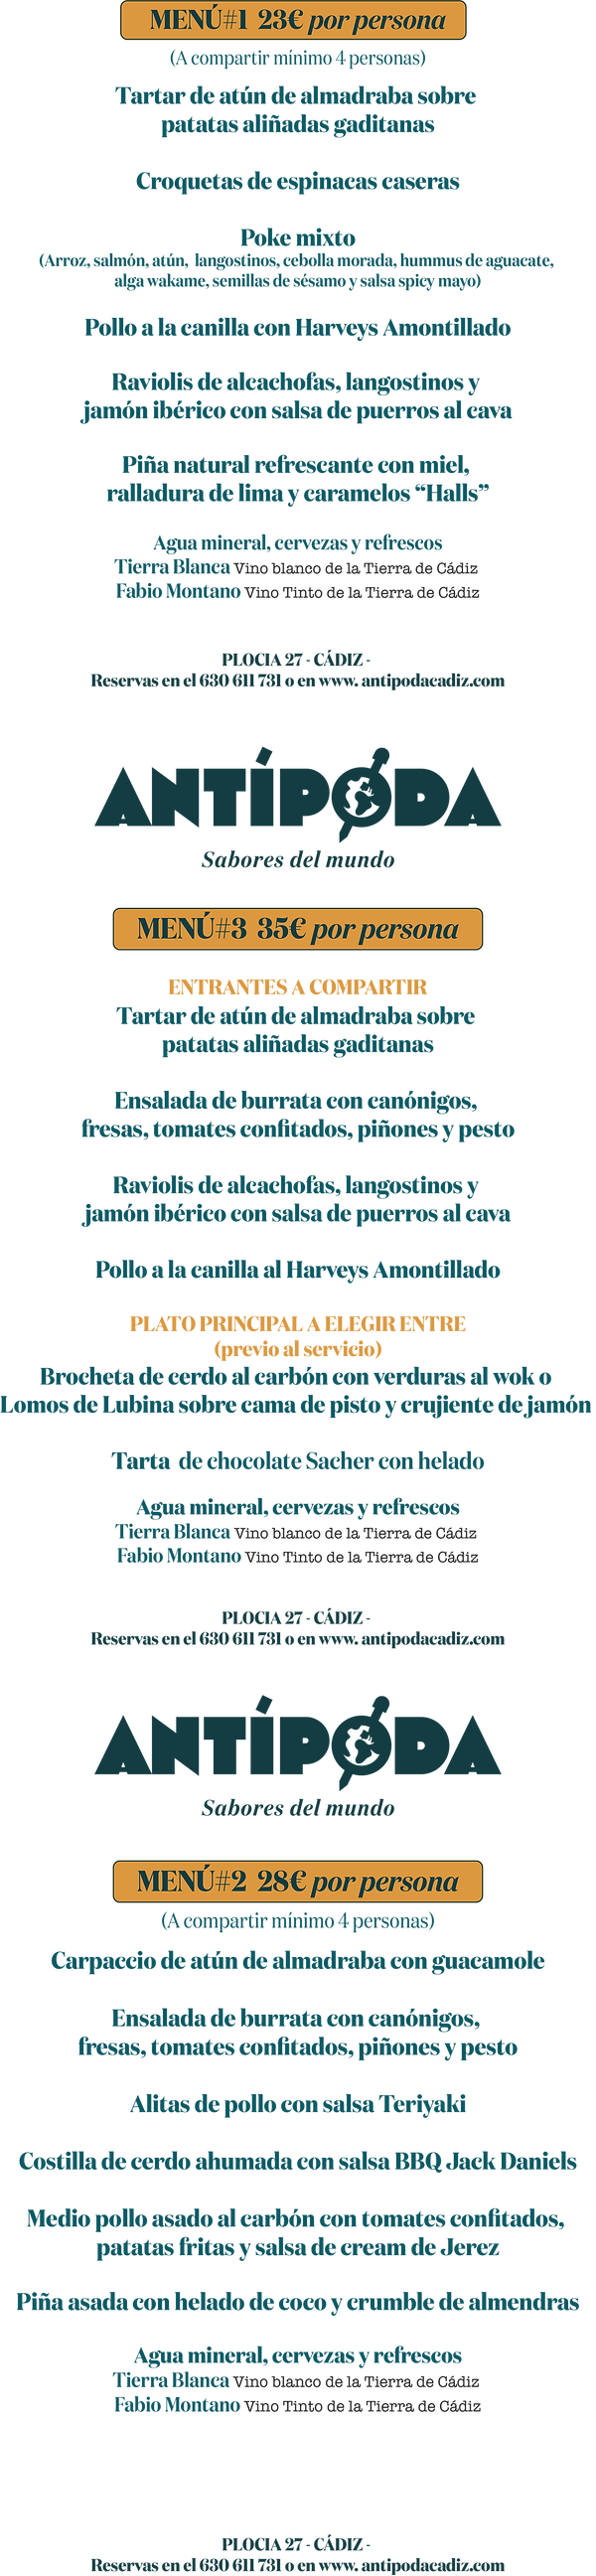 Menus Antipoda Grupos 2021_WEB VERTICAL.